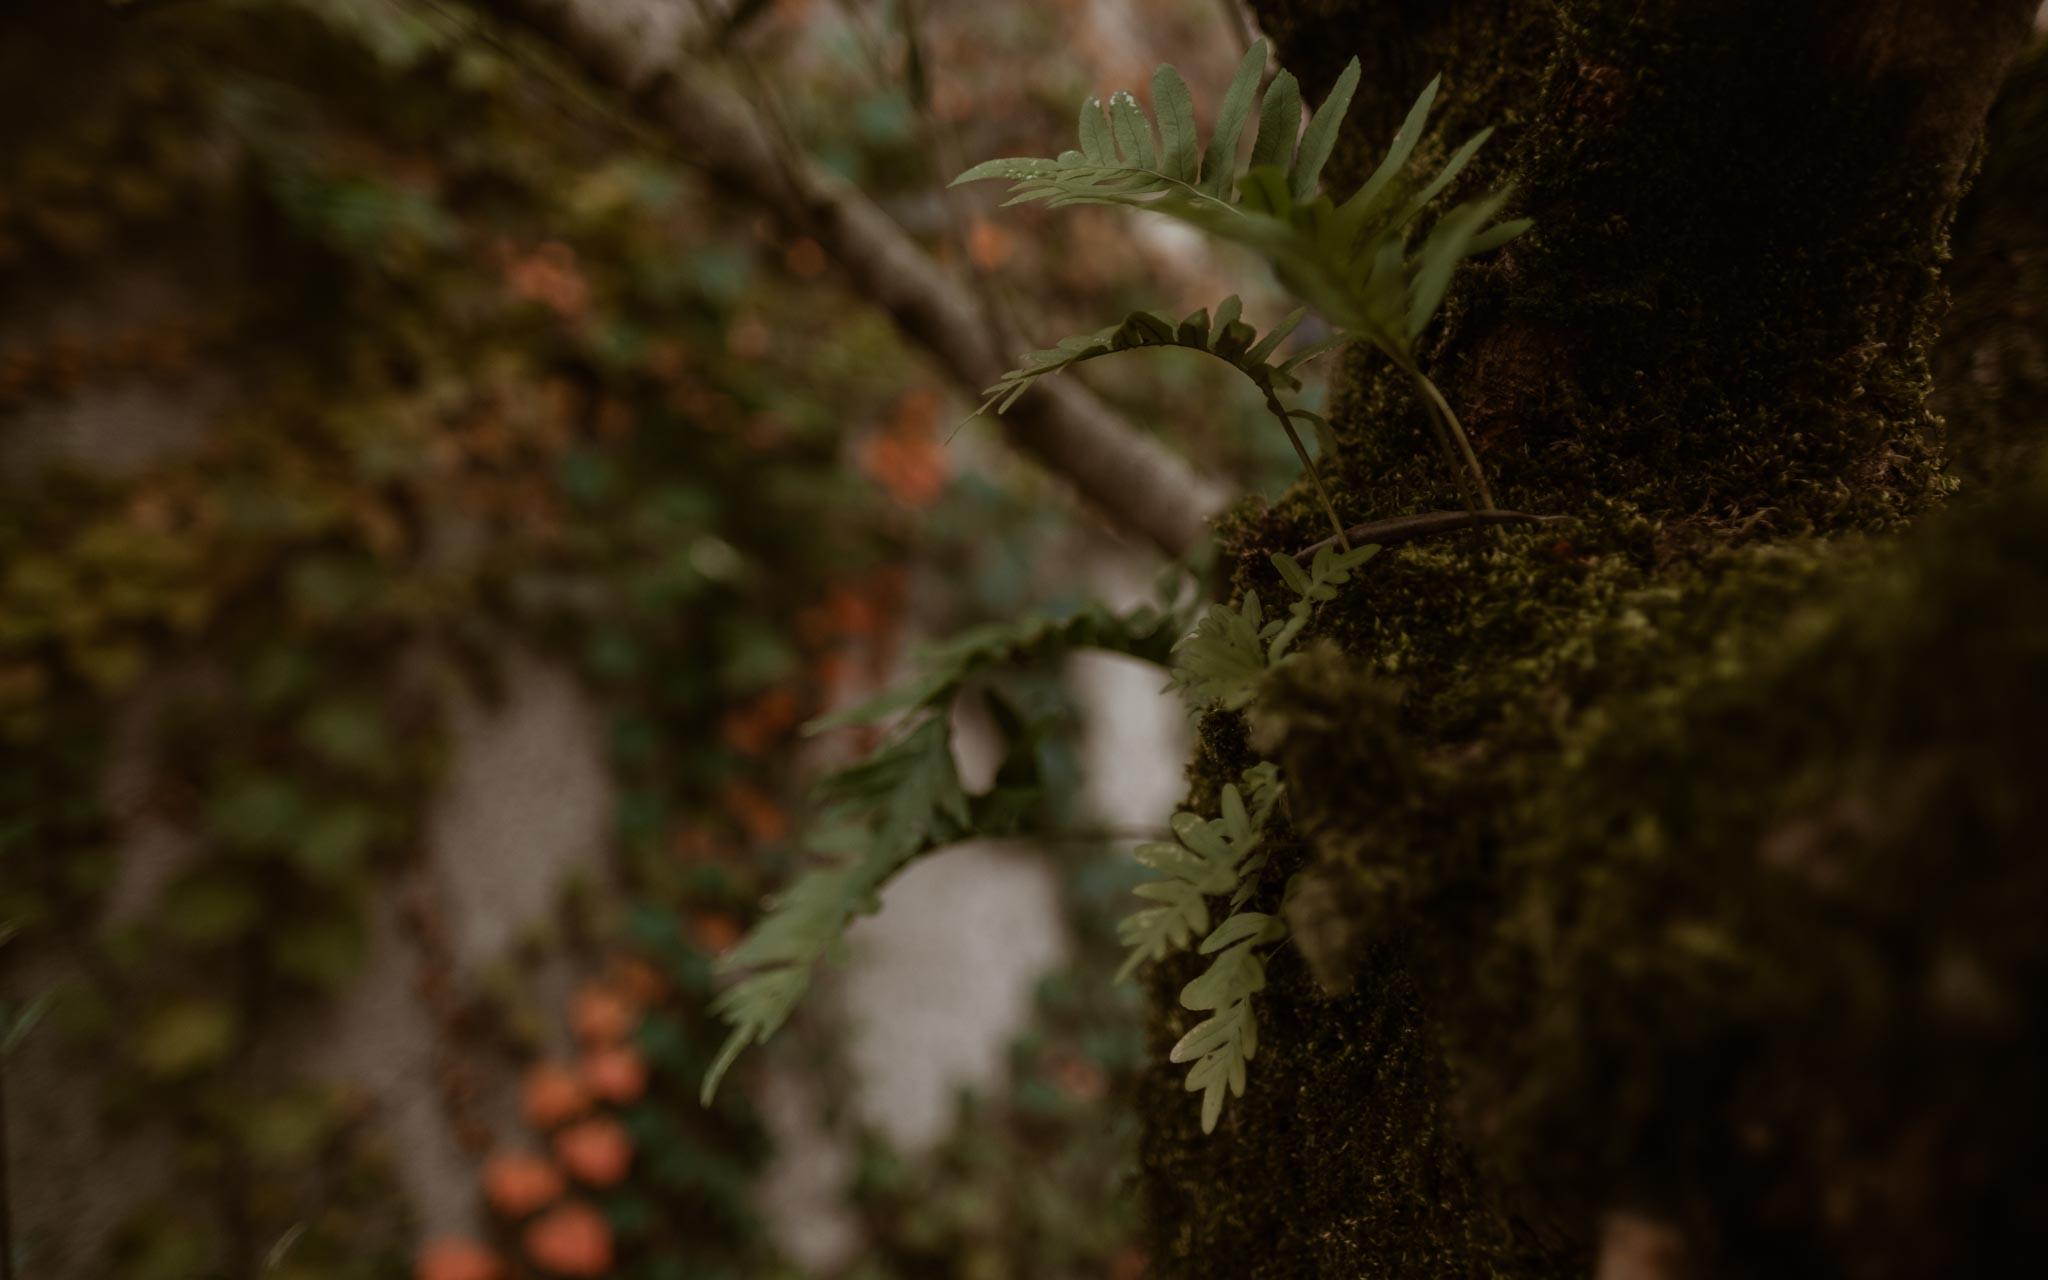 Séance photo de grossesse et futurs parents en extérieur, à l'ambiance poétique, en forêt près de Clisson par Geoffrey Arnoldy photographe